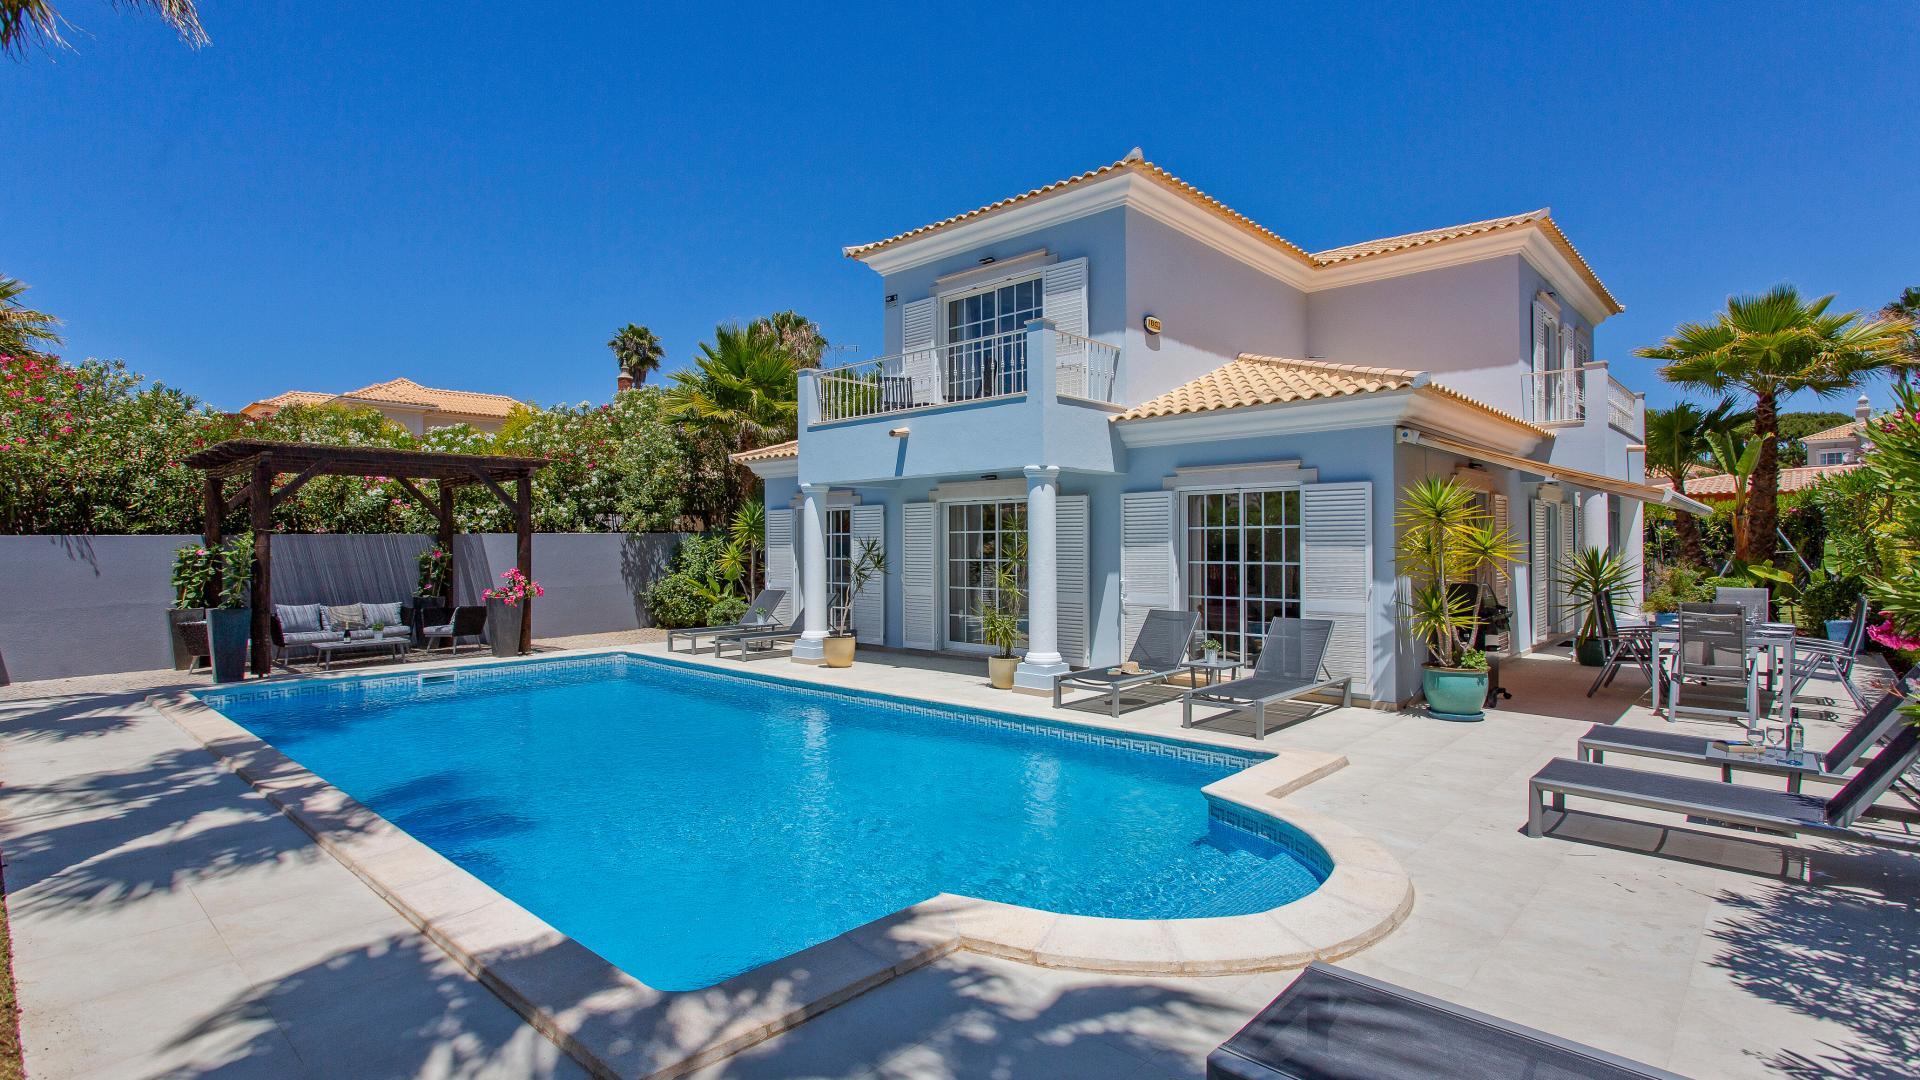 Villa Areia Azul - Varandas do Lago, Quinta do Lago, Algarve - 1_1.png